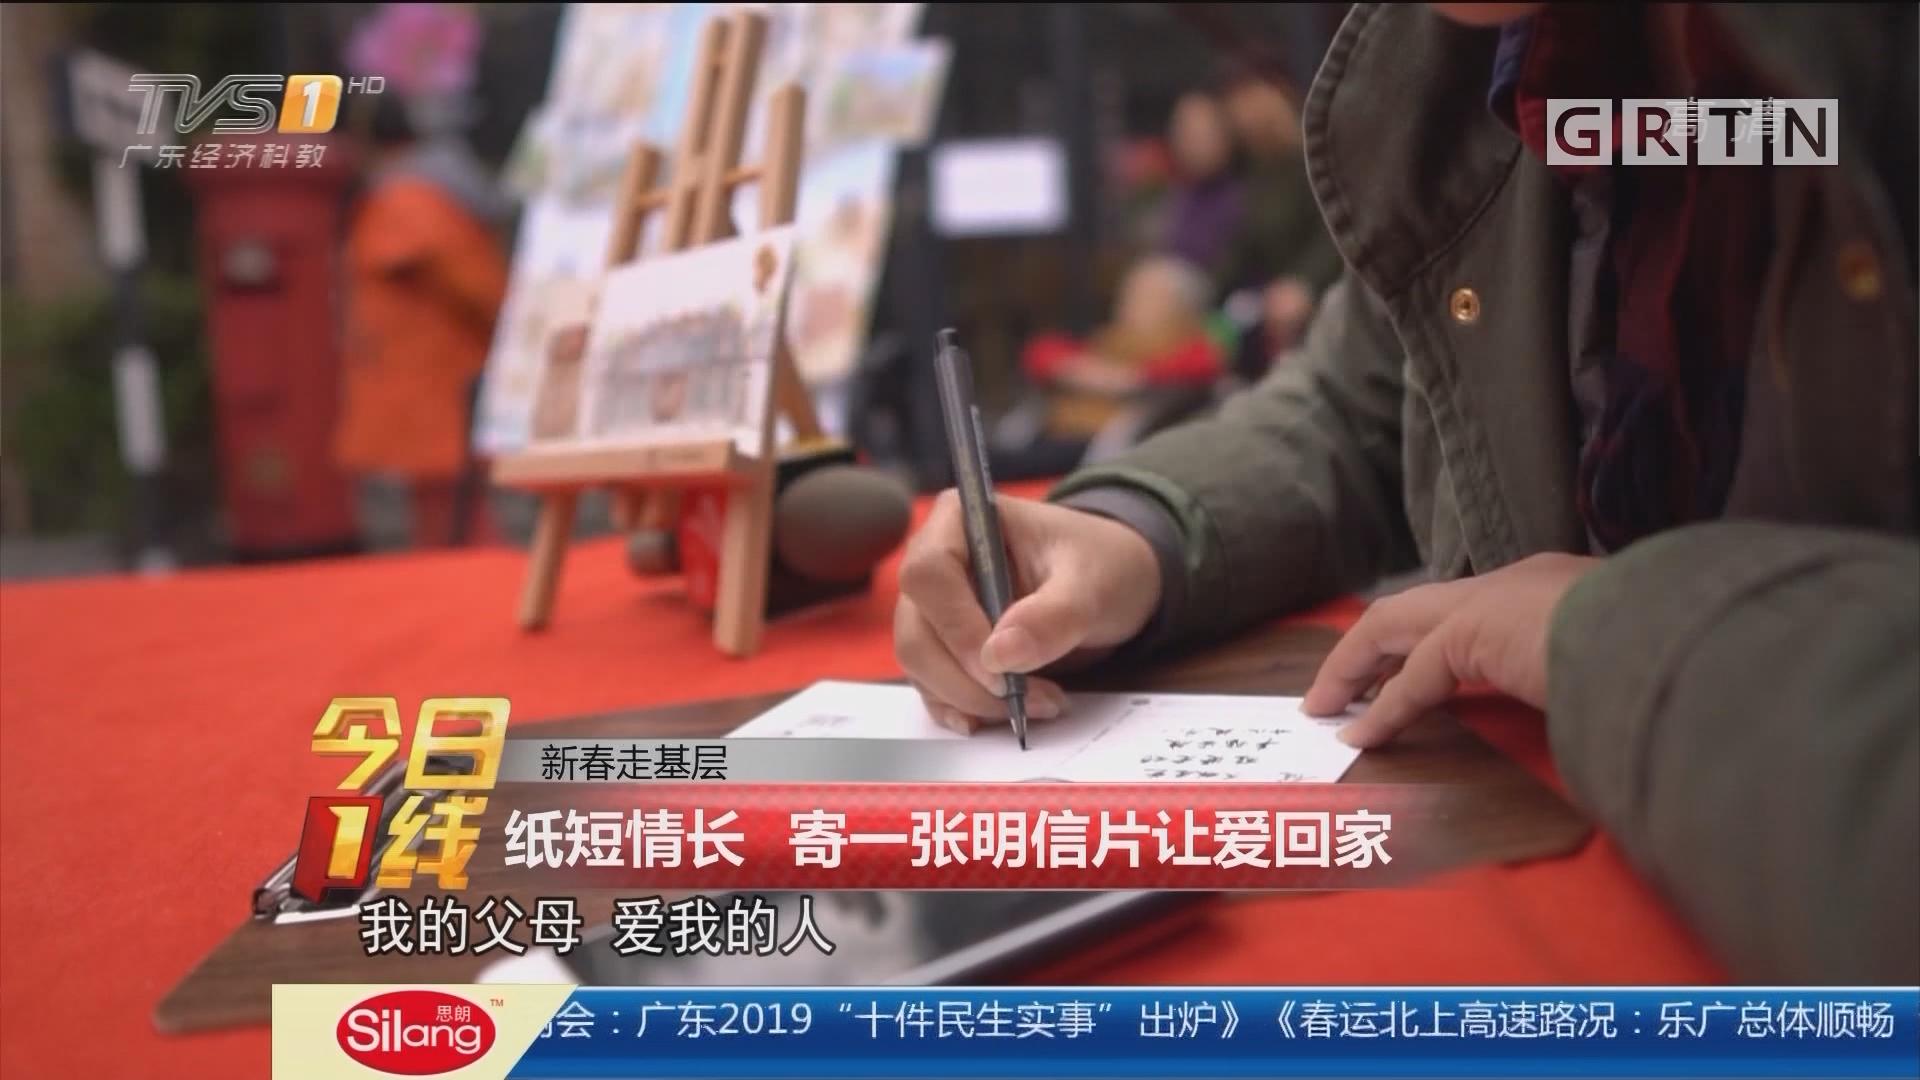 新春走基层:纸短情长 寄一张明信片让爱回家